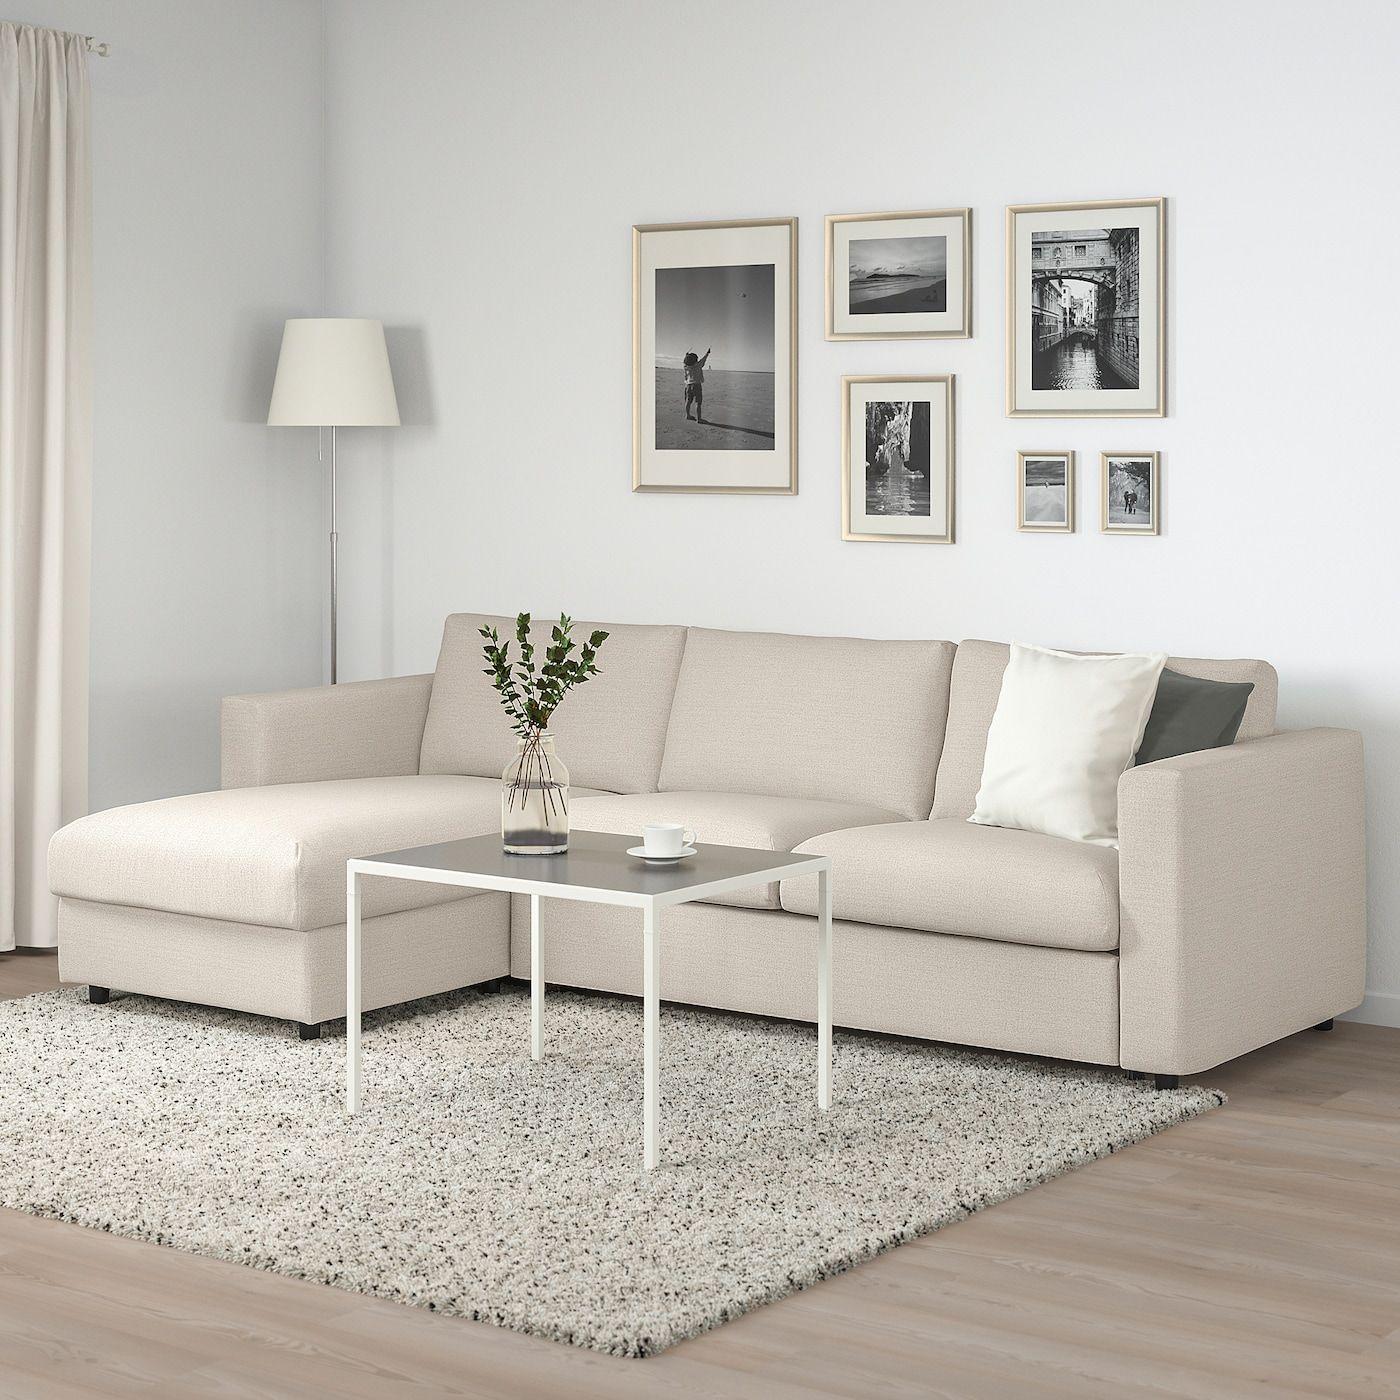 Vimle 3er Bettsofa Mit Recamiere Gunnared Beige Ikea Osterreich Ikea Bed Sofa Bed Sofa